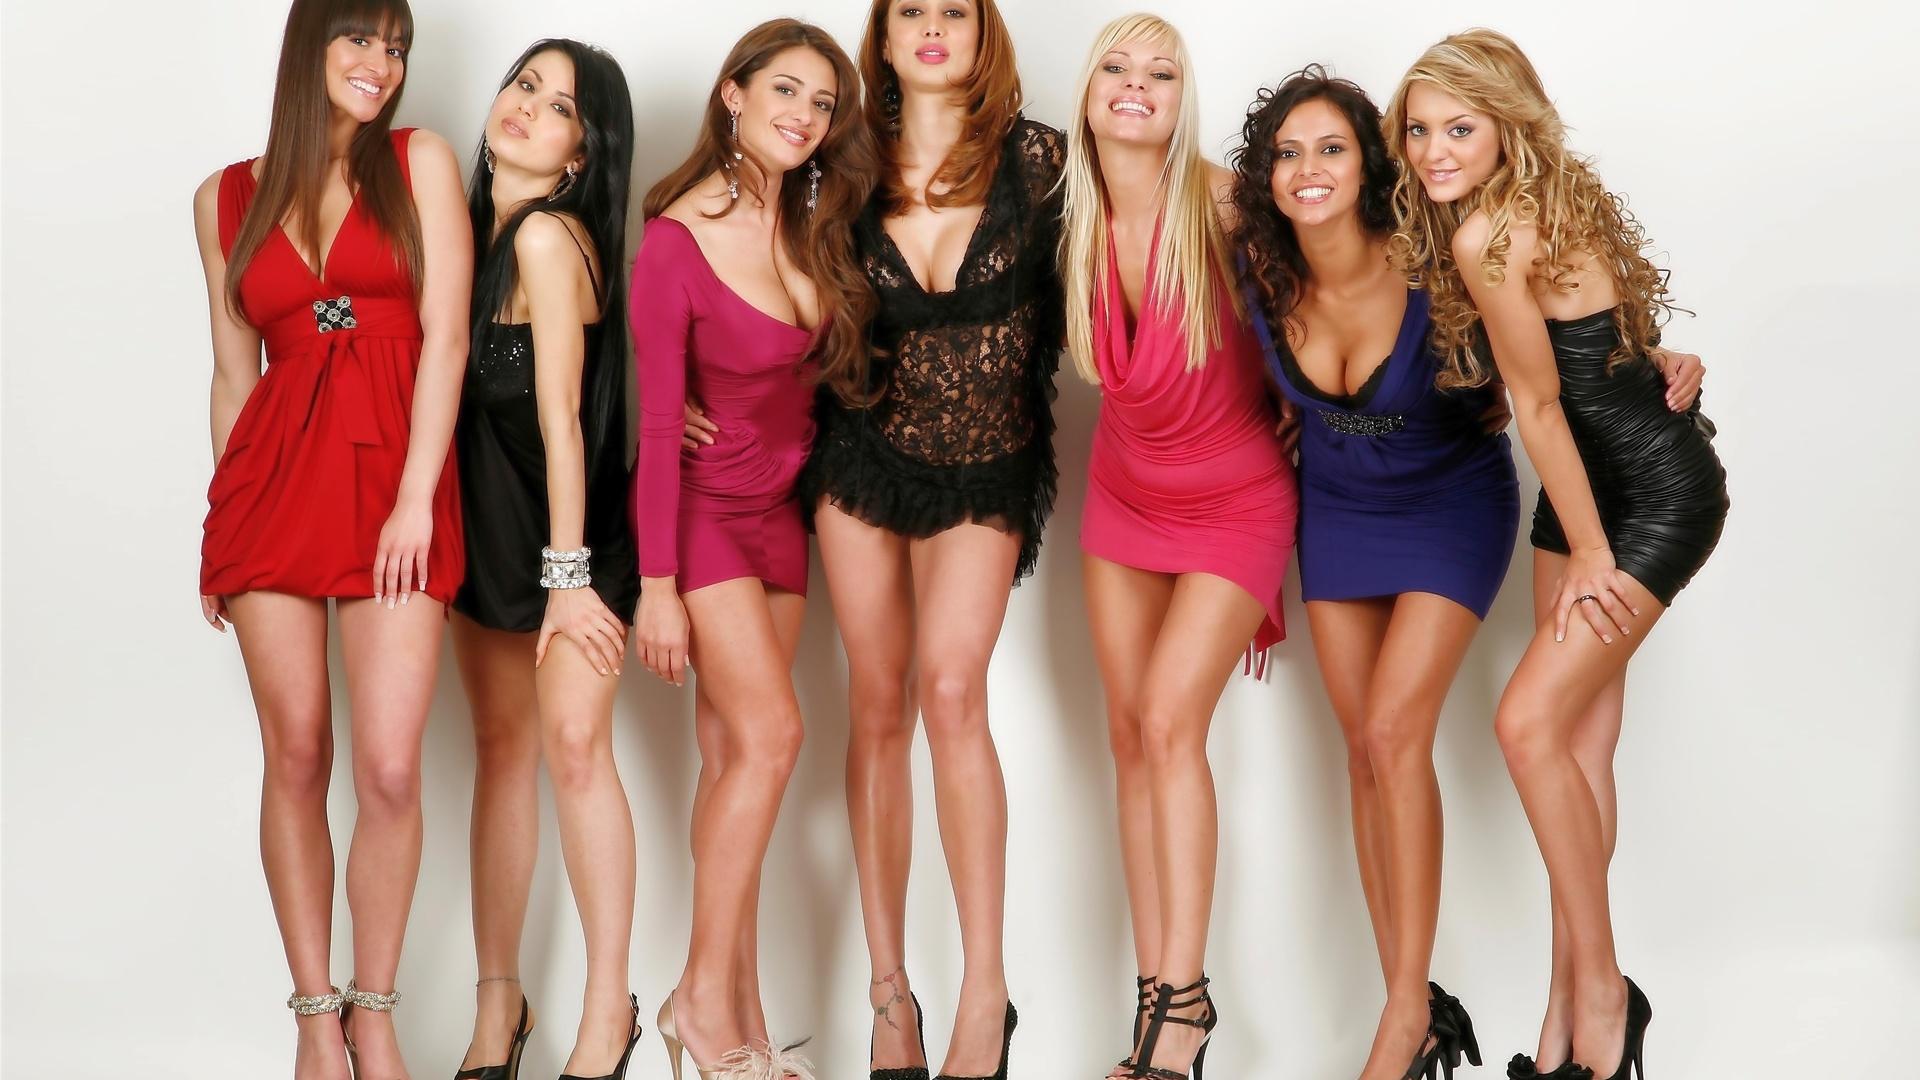 Картинка много красивых девушек